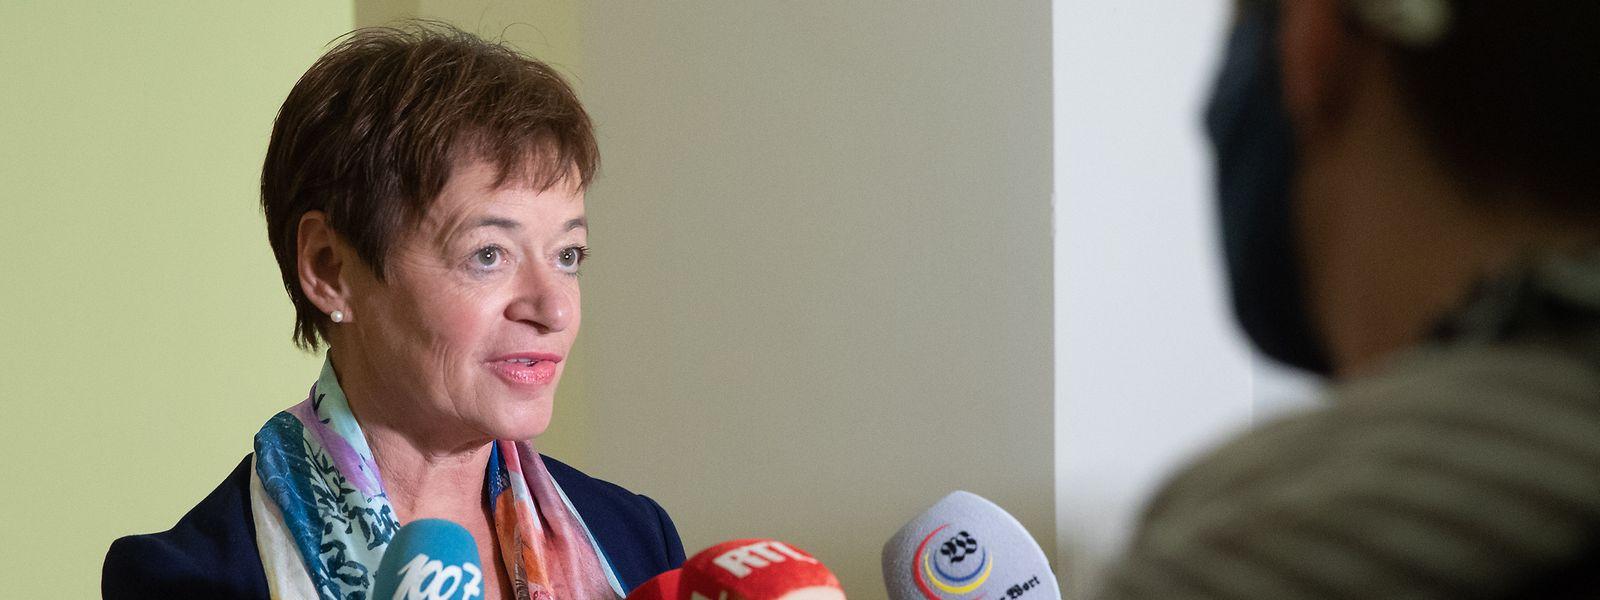 «Le Premier ministre a abordé beaucoup de sujets, en apportant les bonnes réponses», estime Josée Lorsché (Déi Gréng).